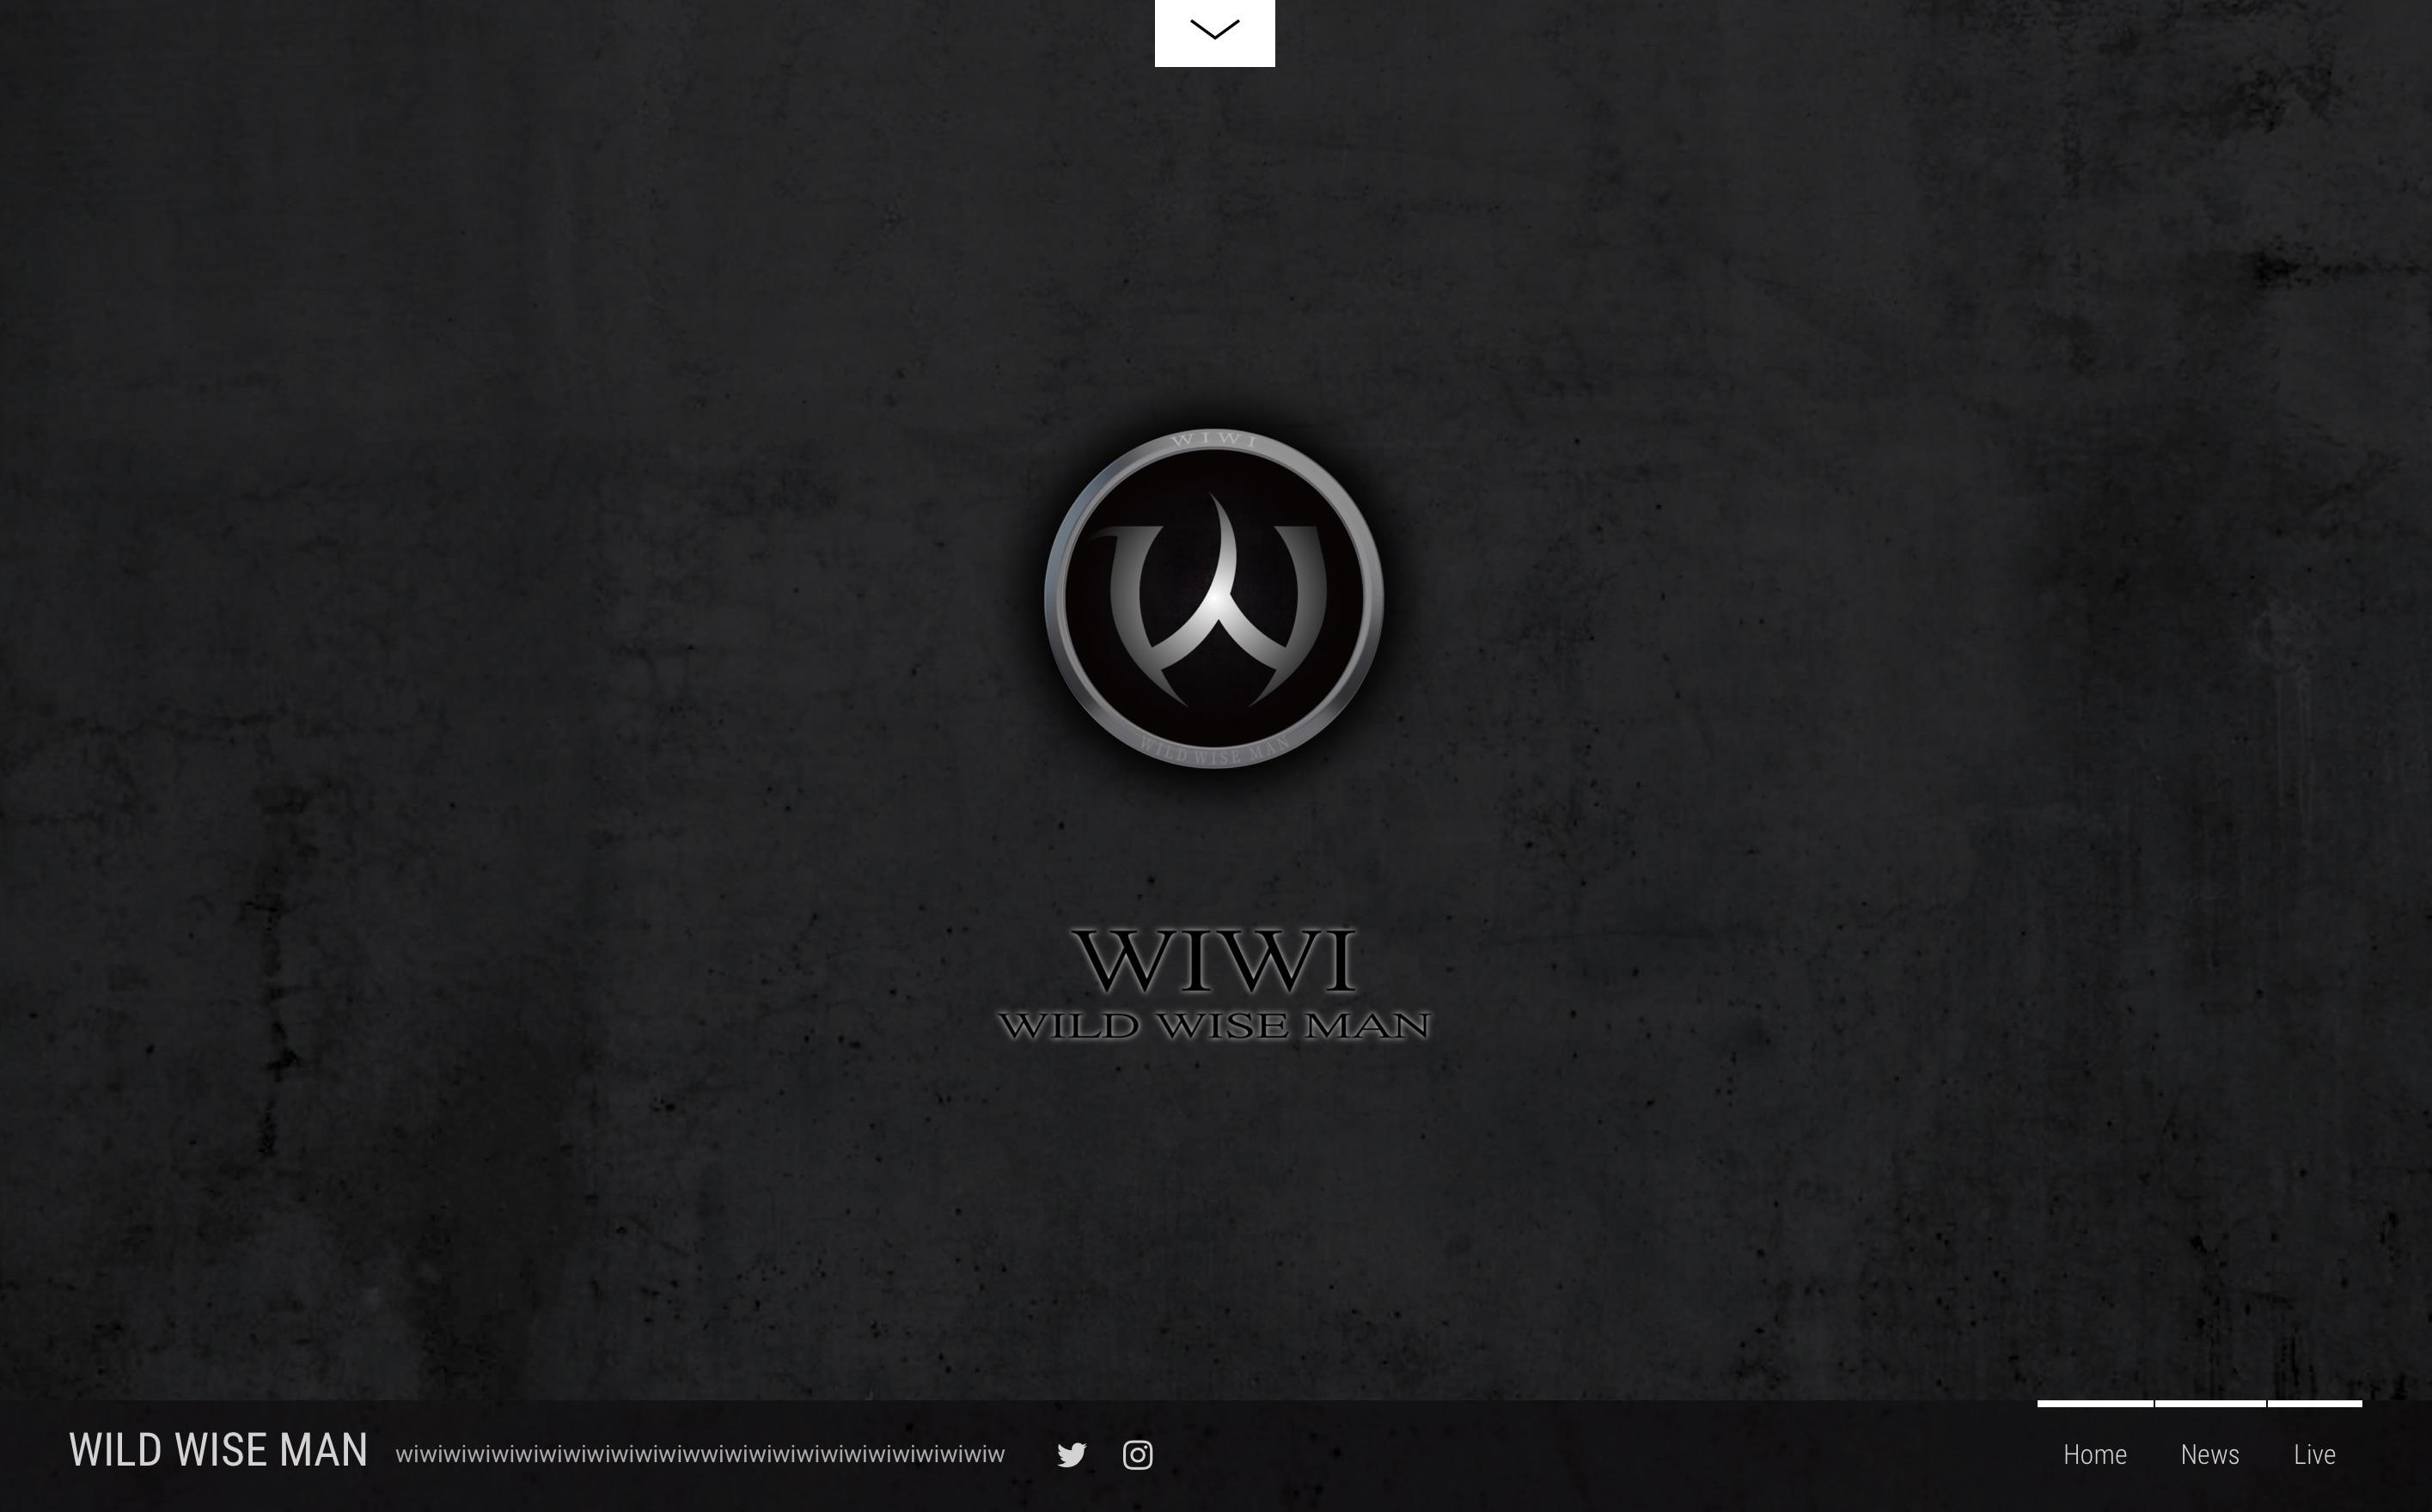 webwiwi